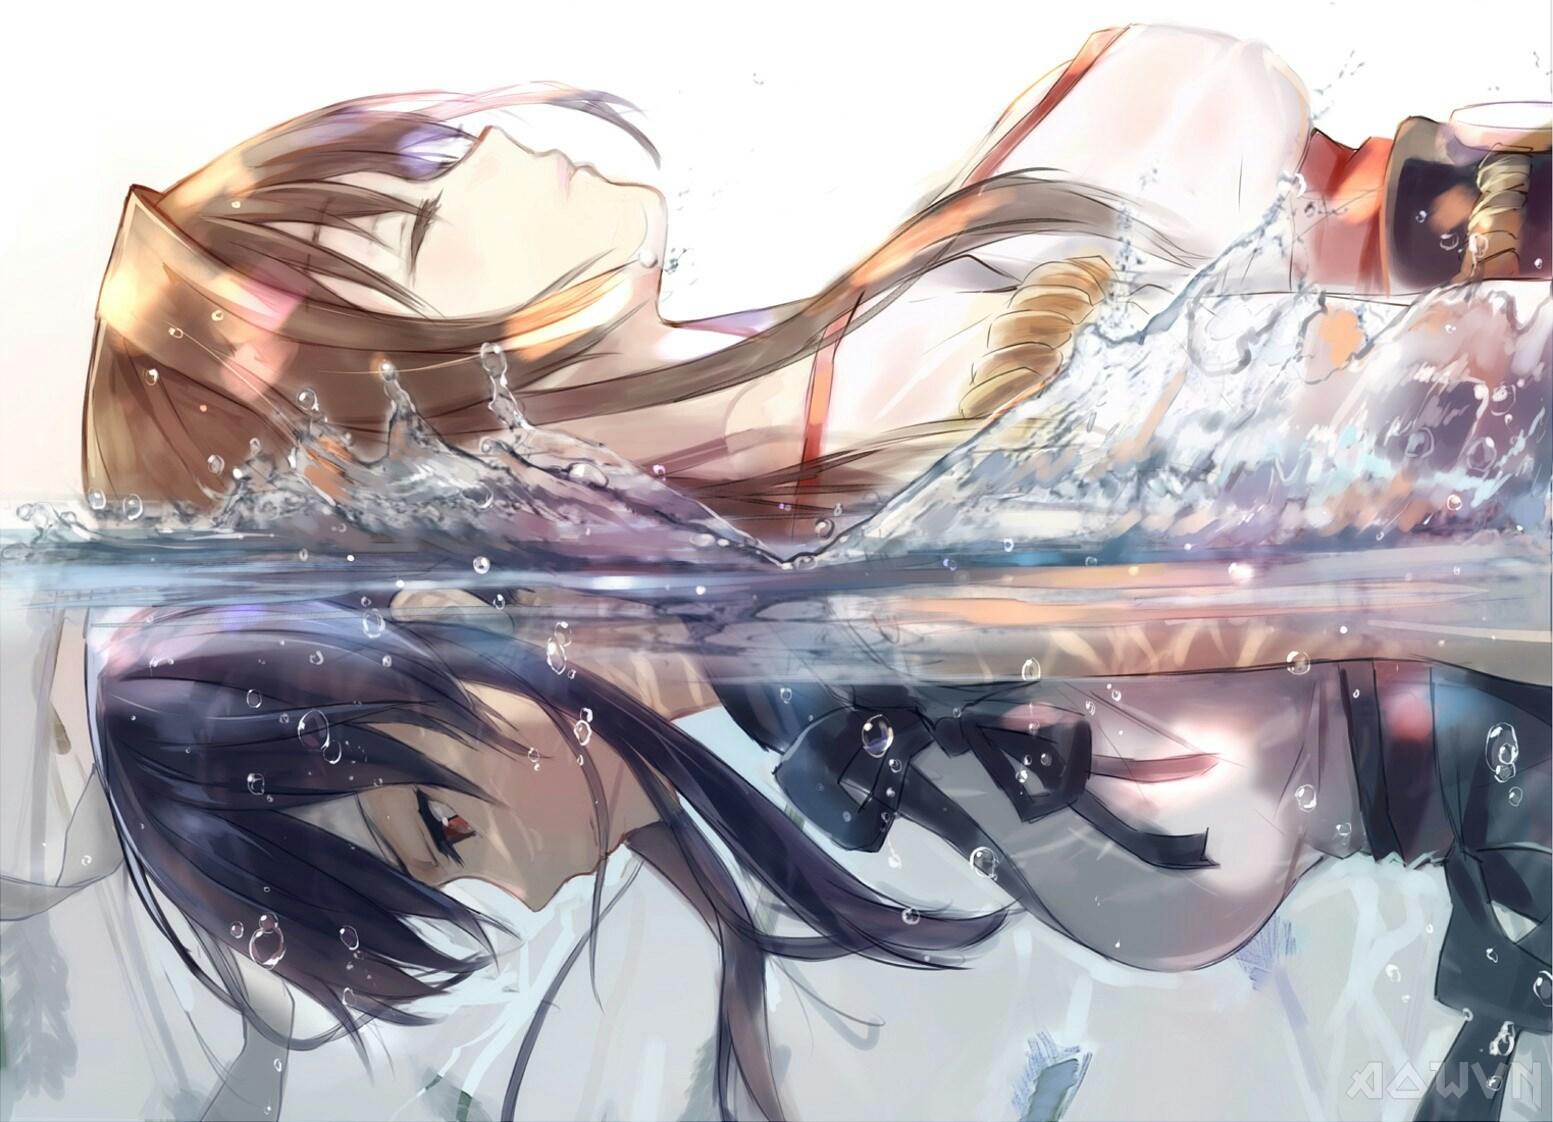 123 AowVN.org m - [ Hình Nền ] Anime cho điện thoại cực đẹp , cực độc | Wallpaper